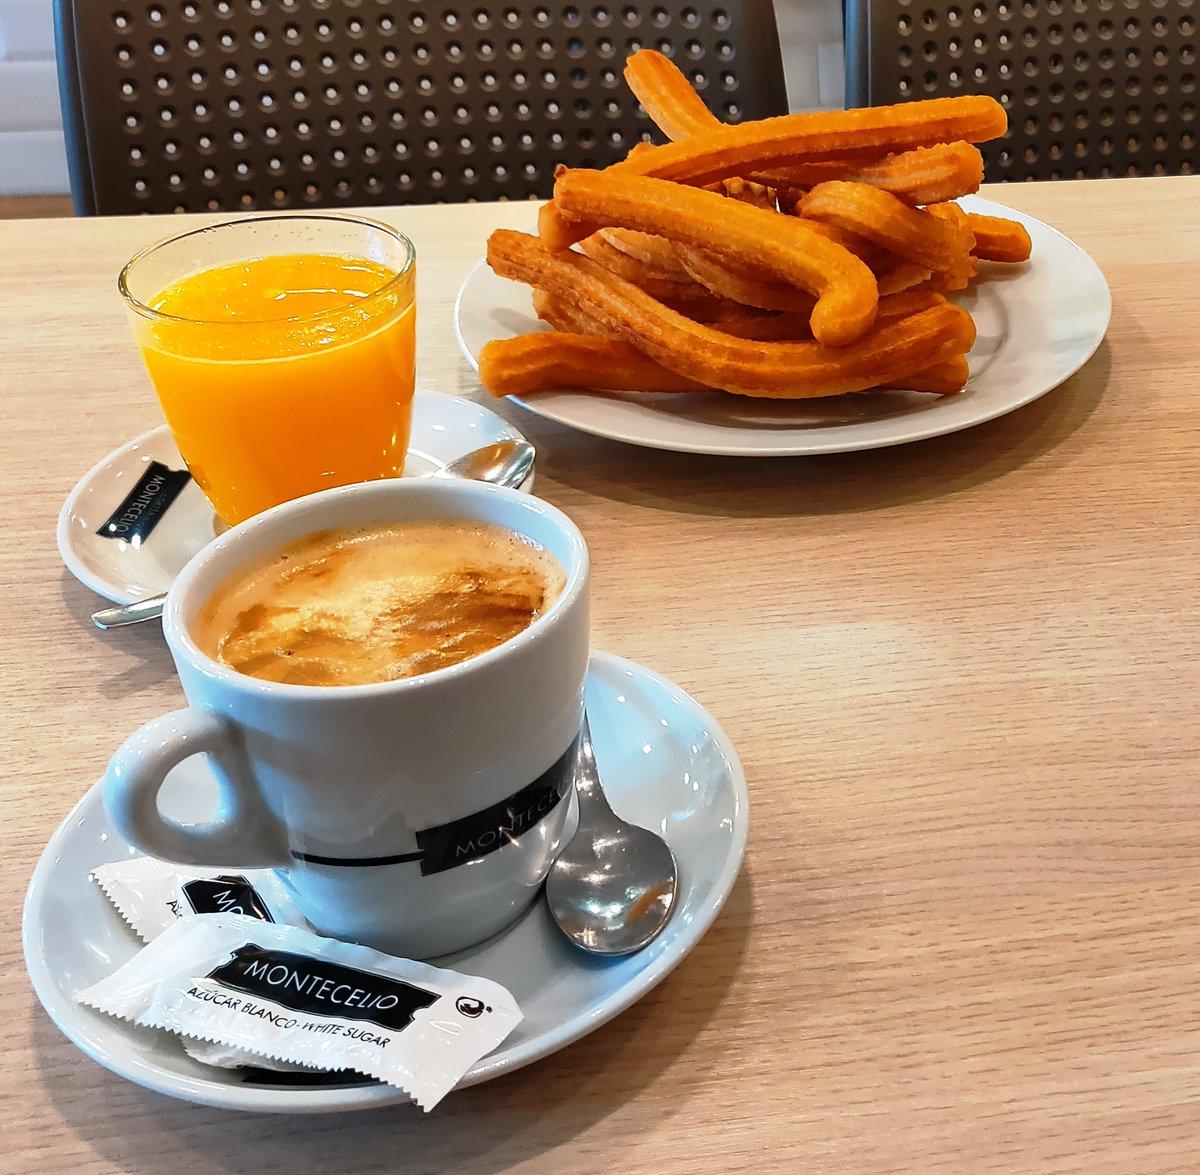 Viernes 31 de enero. ¿Y si despides el mes con un buen desayuno? http://www.maskechurros.com Estamos en #Oviedo #Mieres #PoladeLena #Laviana #Sama #LaFelguera #PoladeSiero #Villaviciosa #Gijón #Candás #Luanco #PiedrasBlancas y #Gradopic.twitter.com/K0kHotB5vr